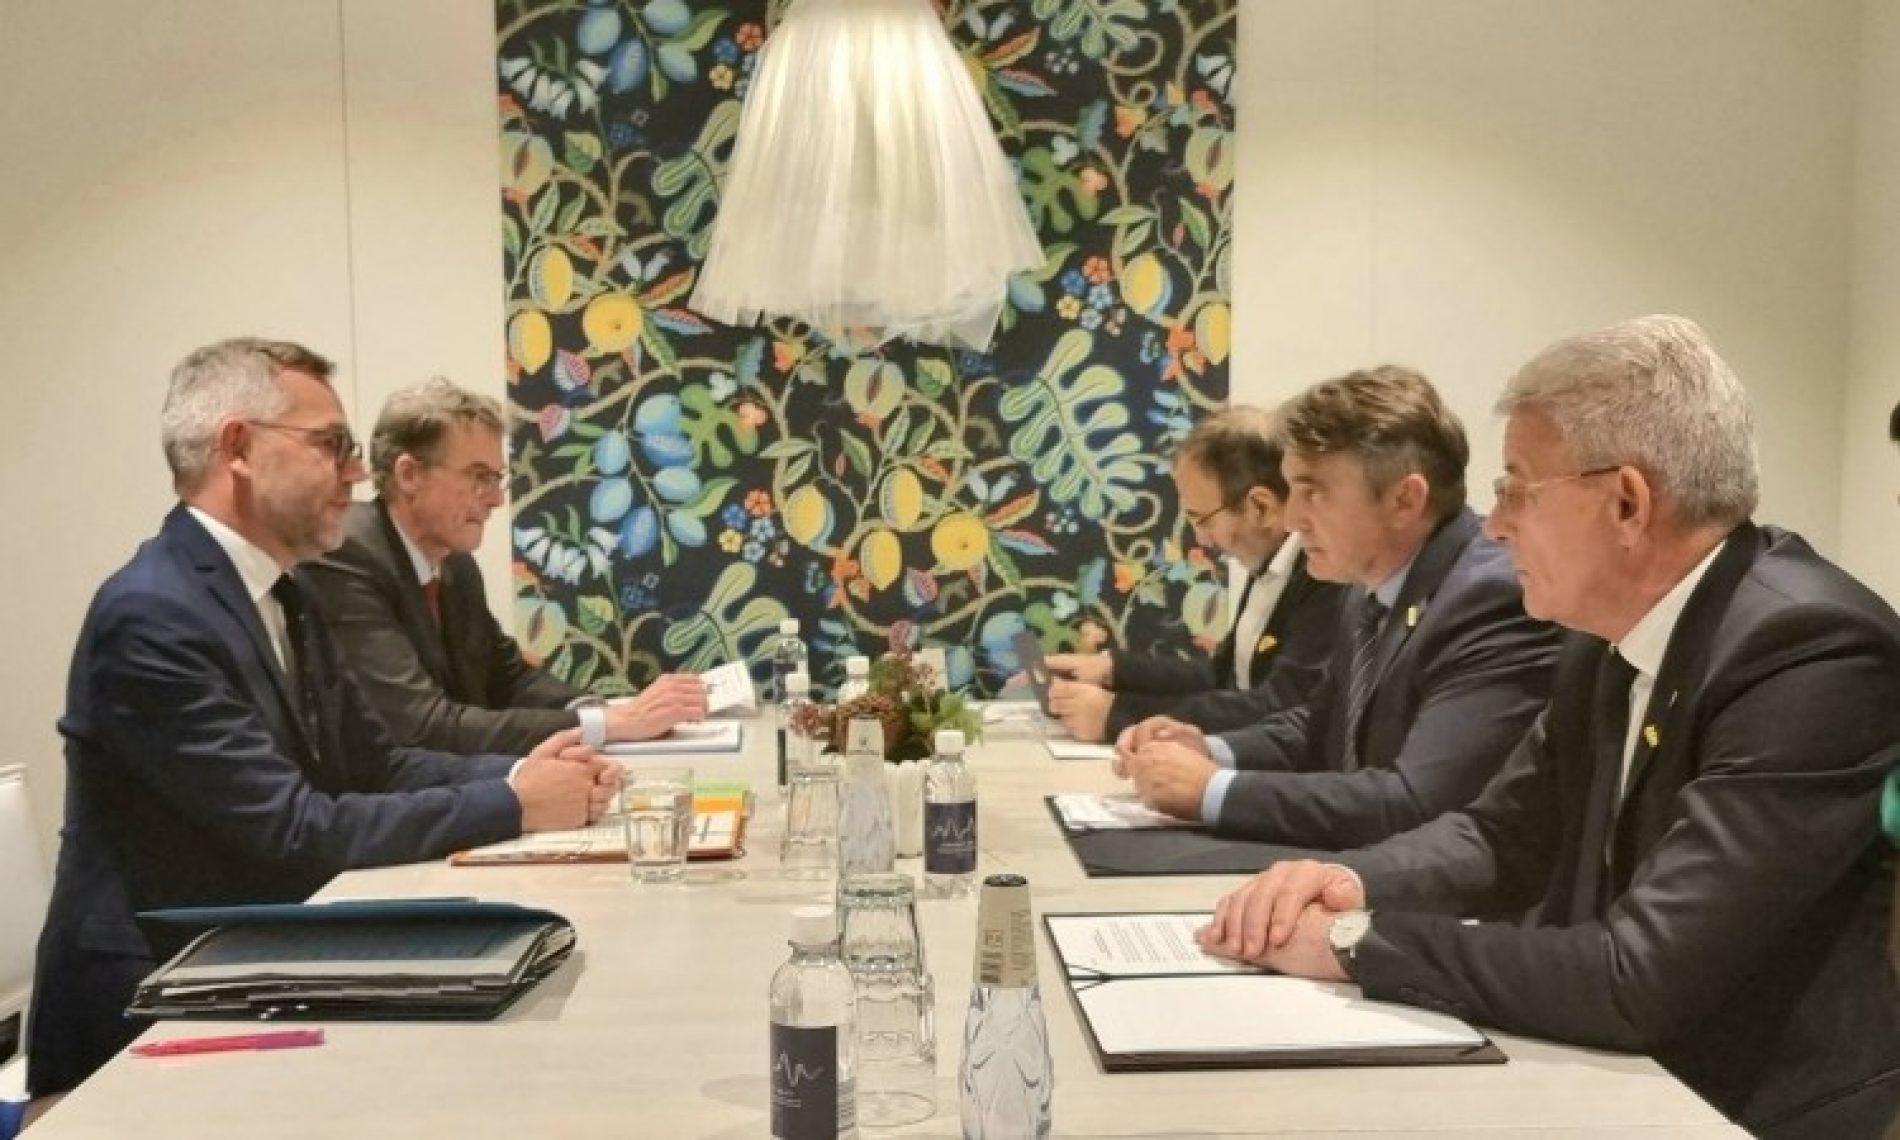 Komšić i Džaferović s njemačkim ministrom: Ukoliko izostane reakcija međunarodne zajednice, državne snage će reagovati i to pod svaku cijenu